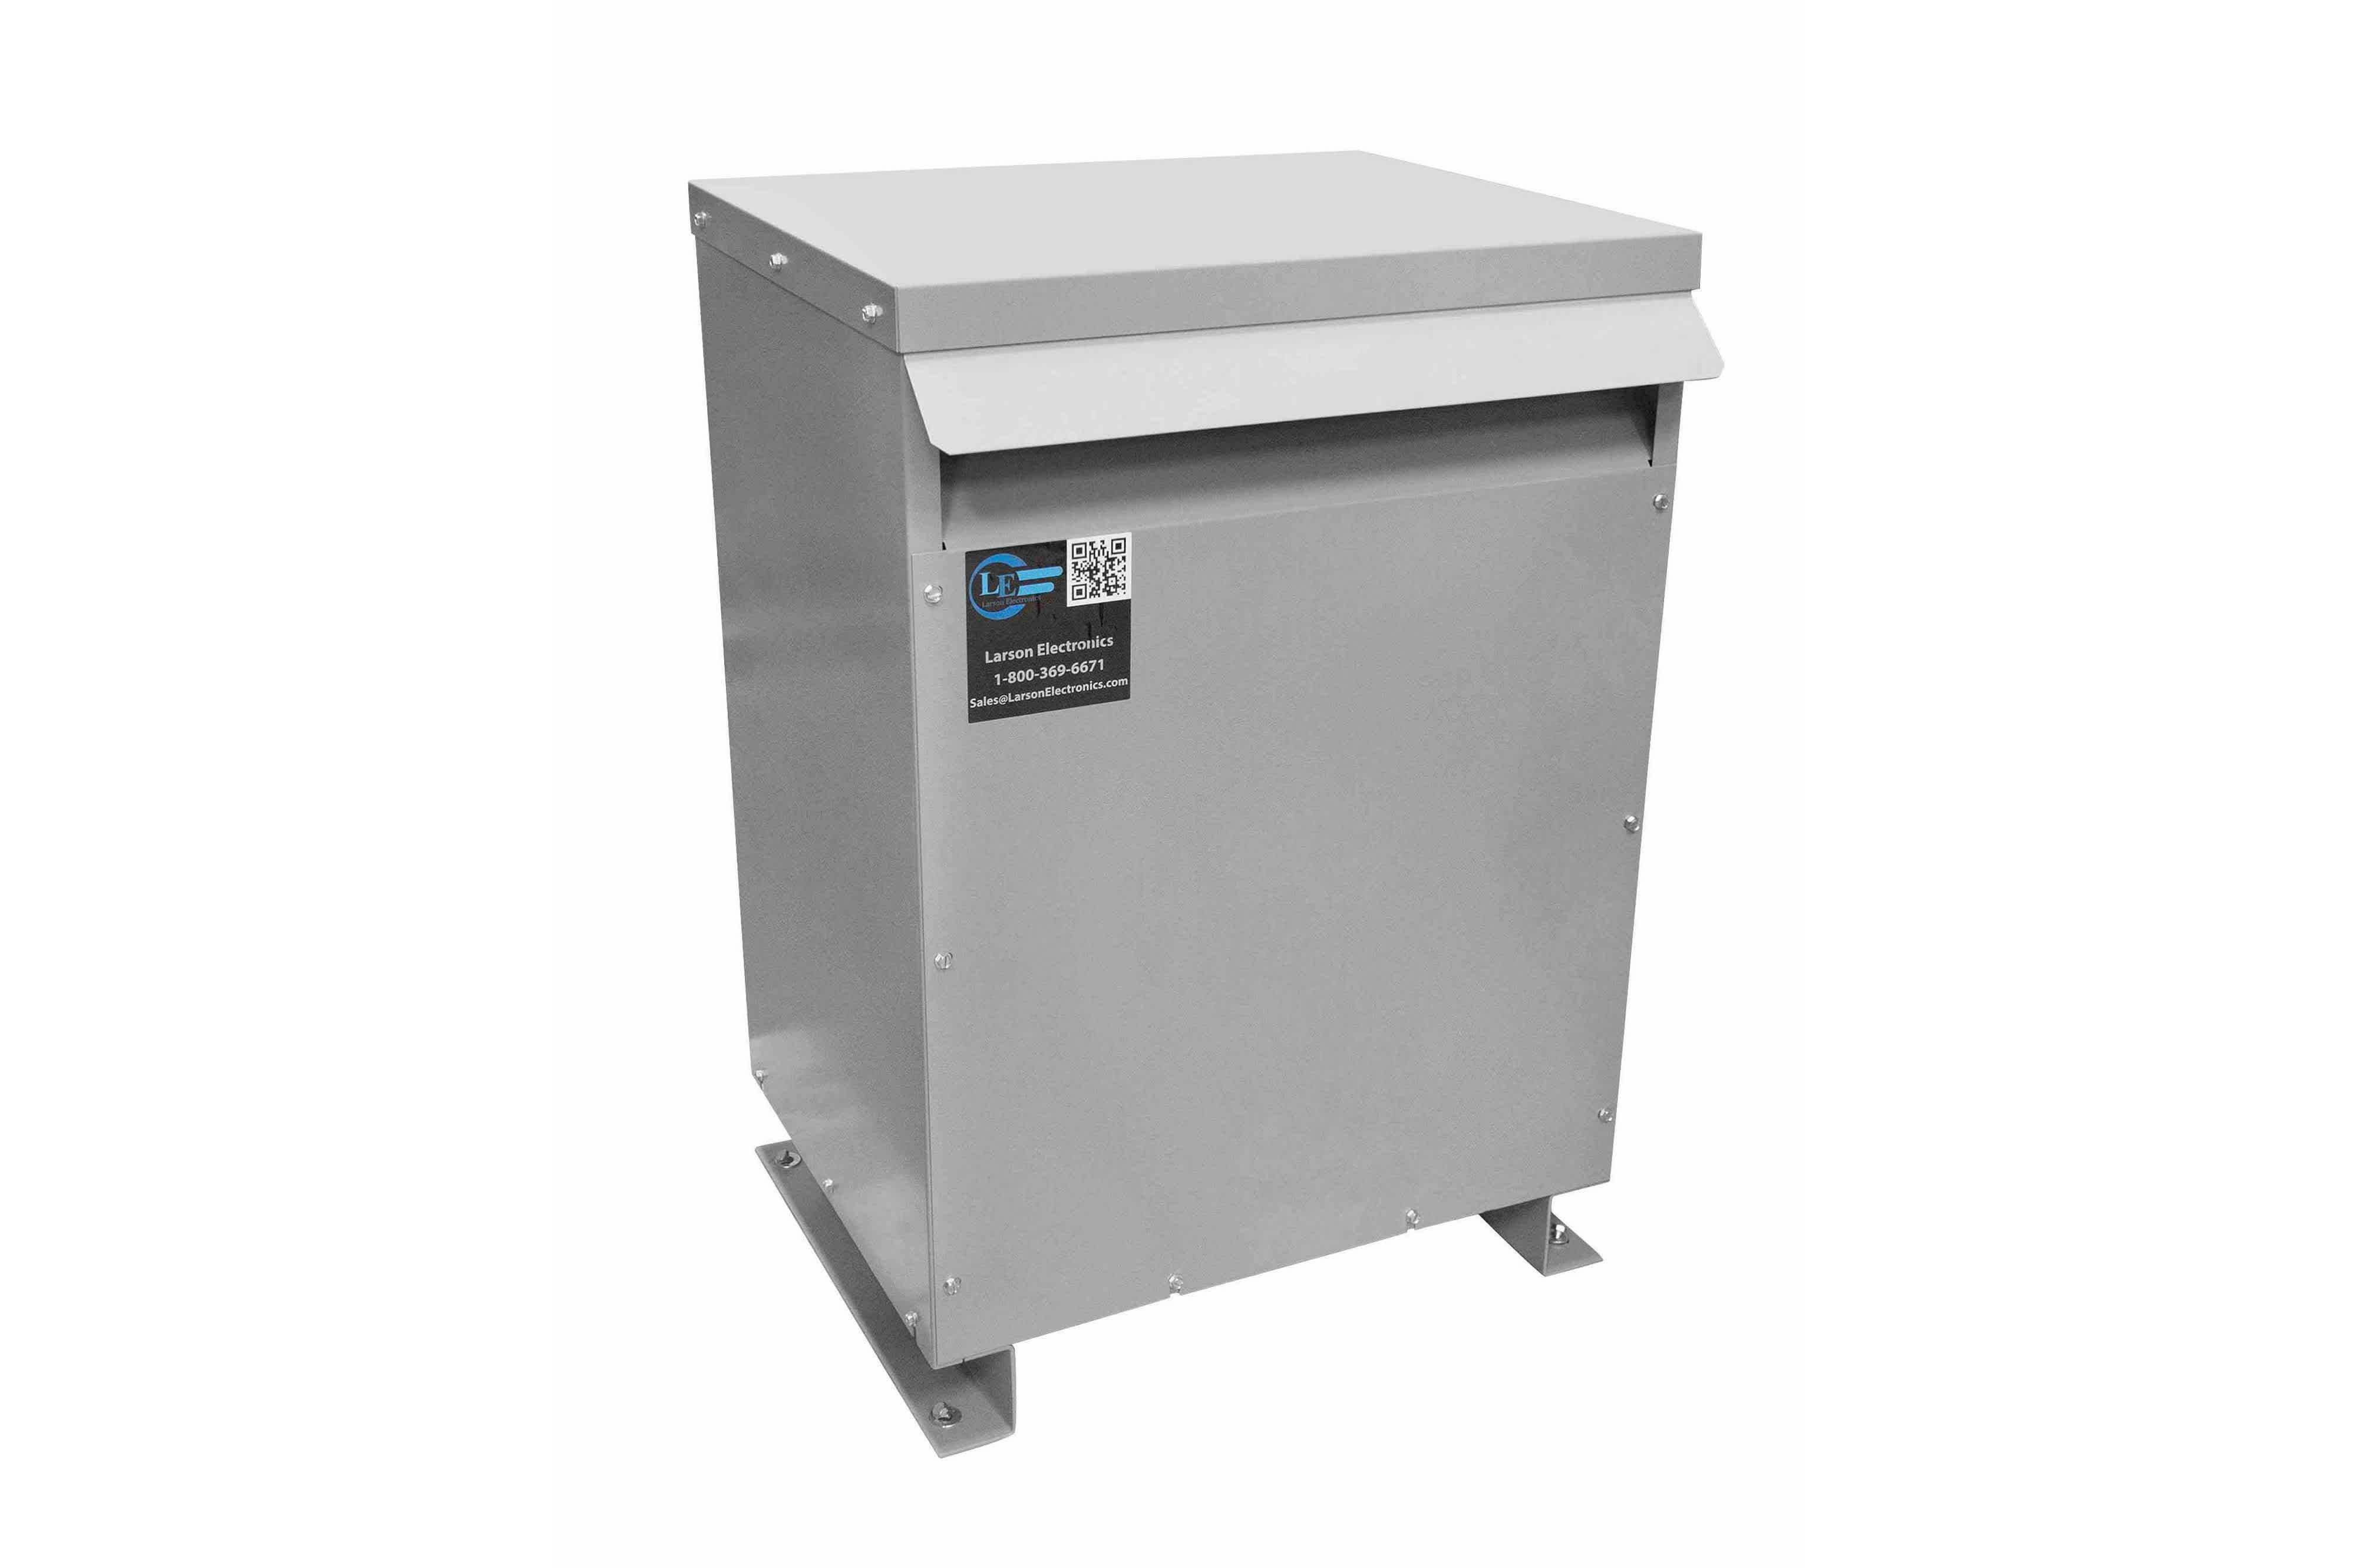 700 kVA 3PH Isolation Transformer, 600V Delta Primary, 460V Delta Secondary, N3R, Ventilated, 60 Hz